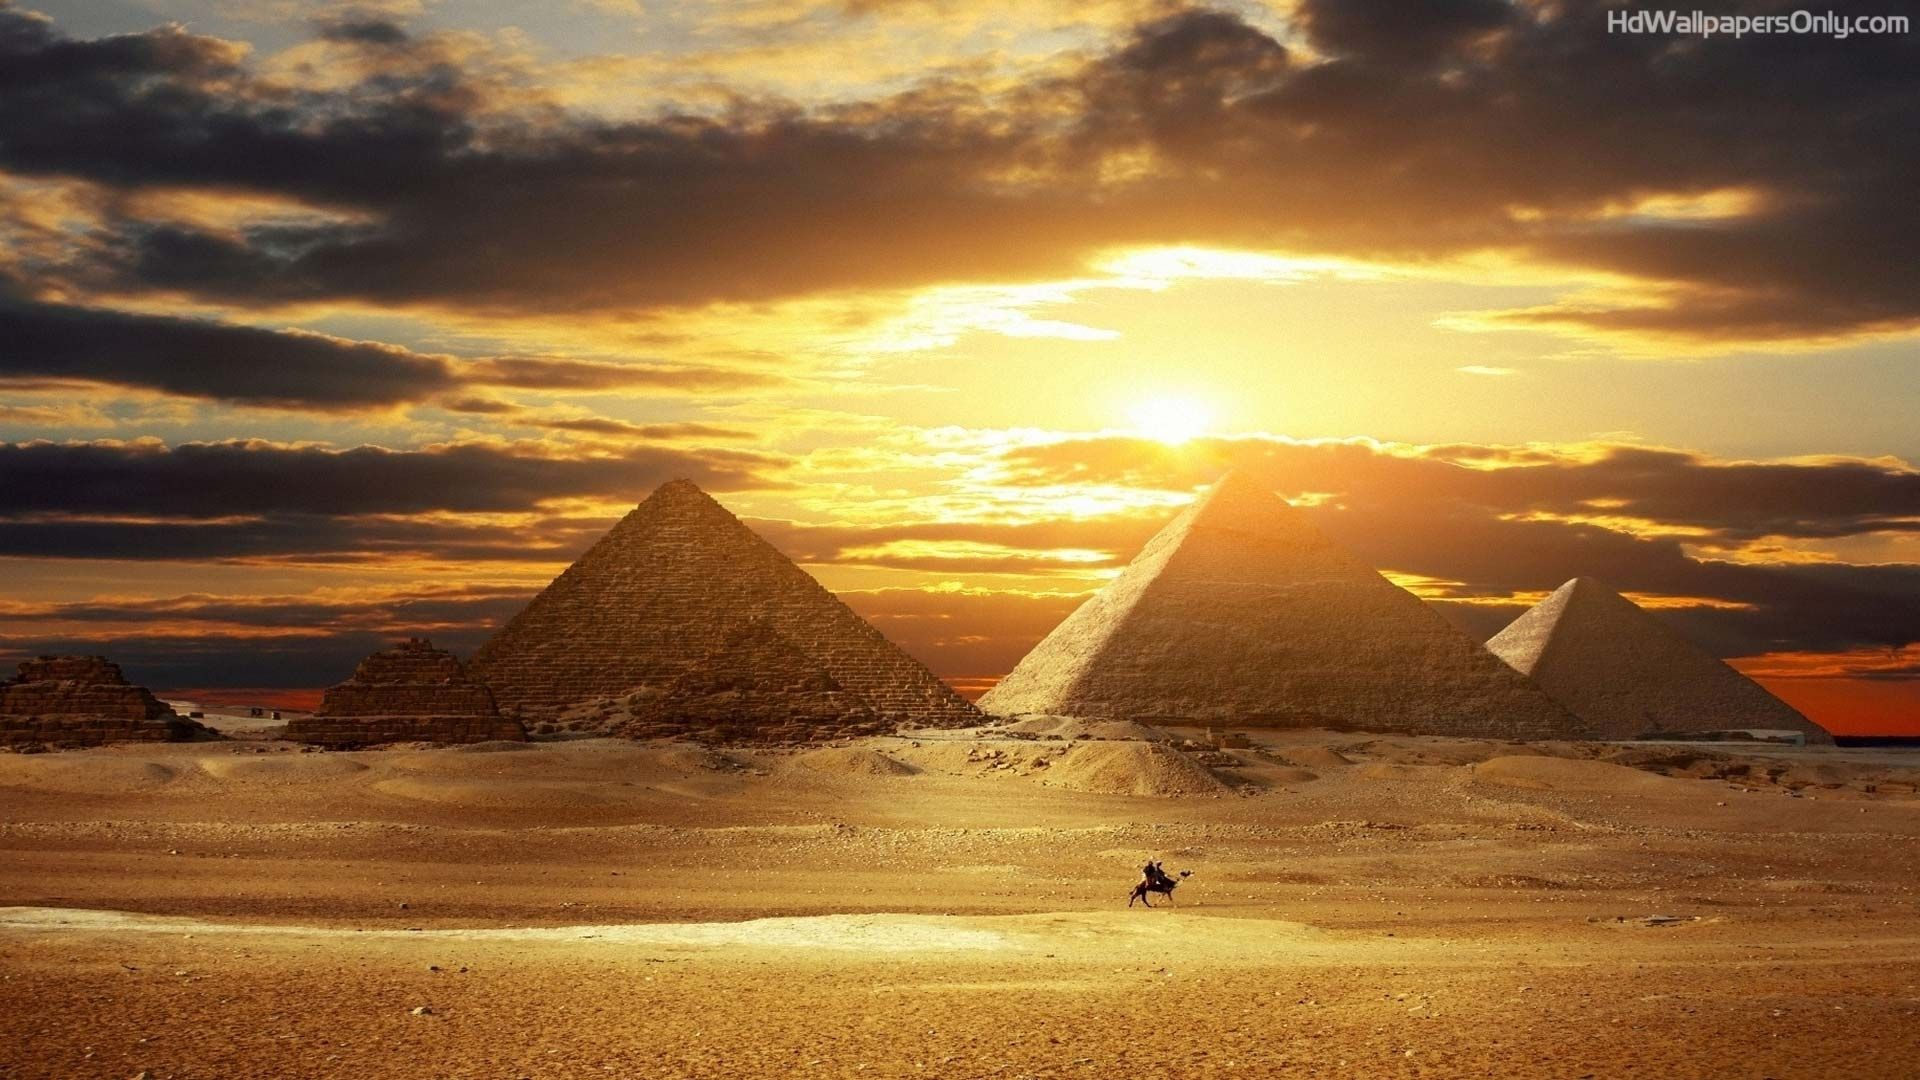 photos of egypt